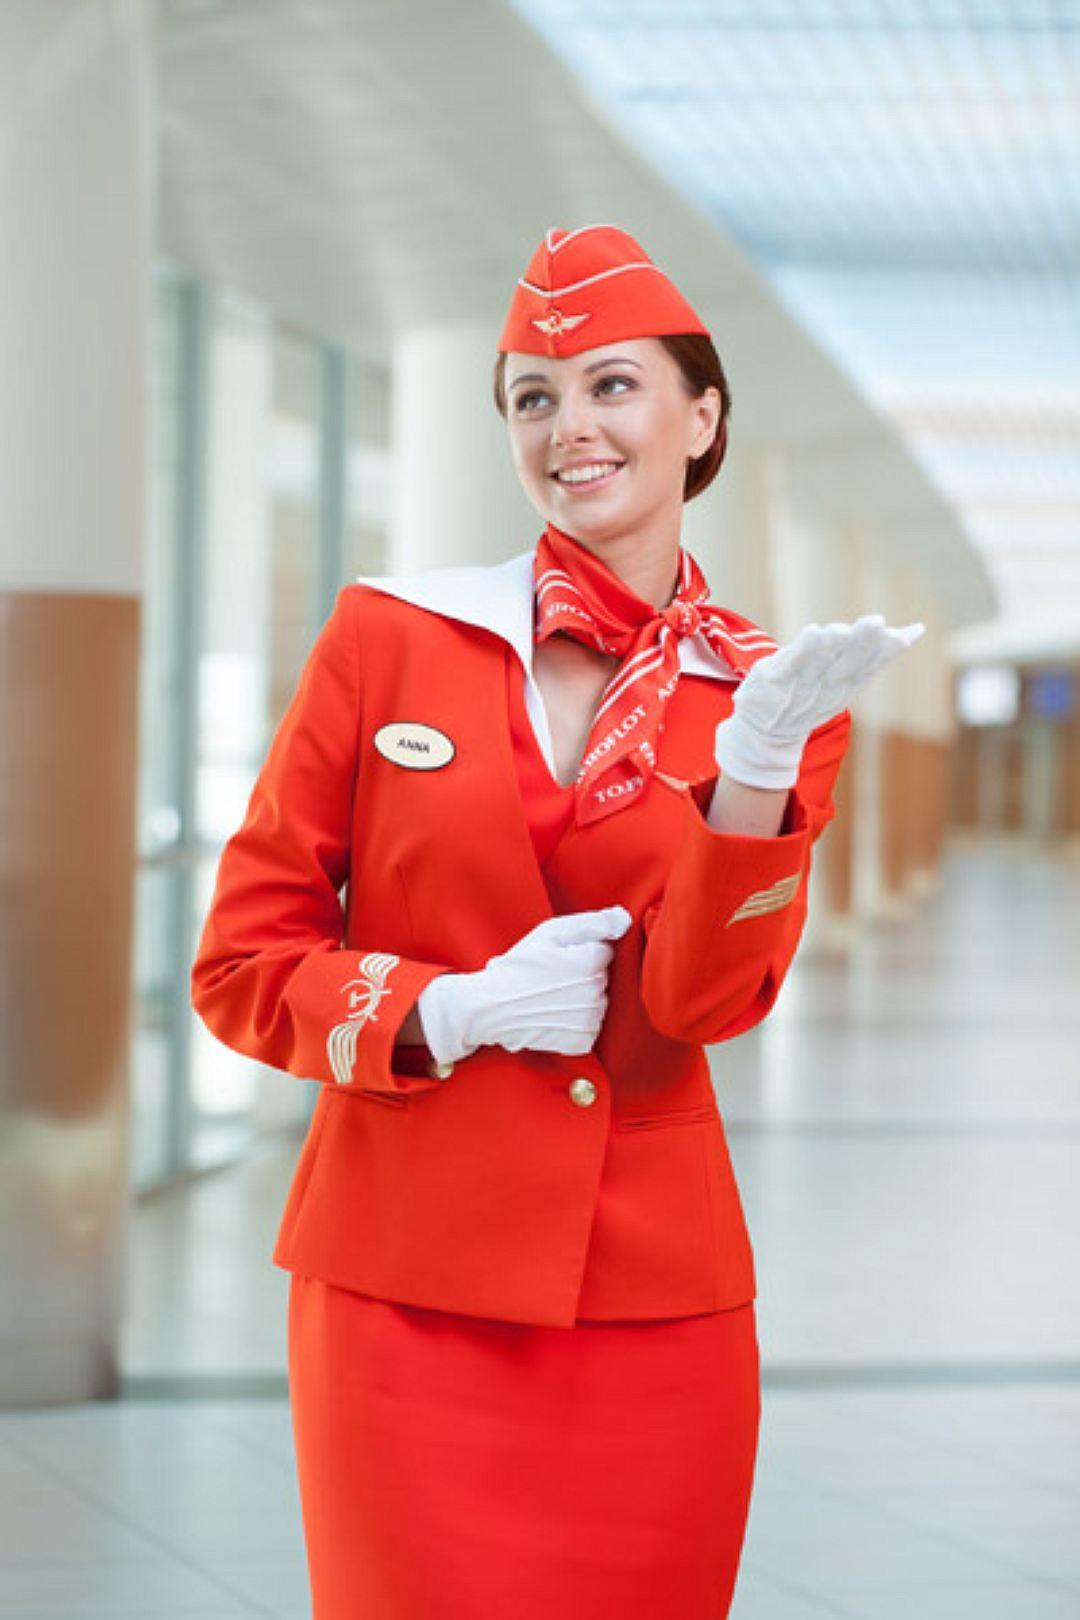 Интересные фото стюардесс, прерванный полет фильм онлайн фантастика